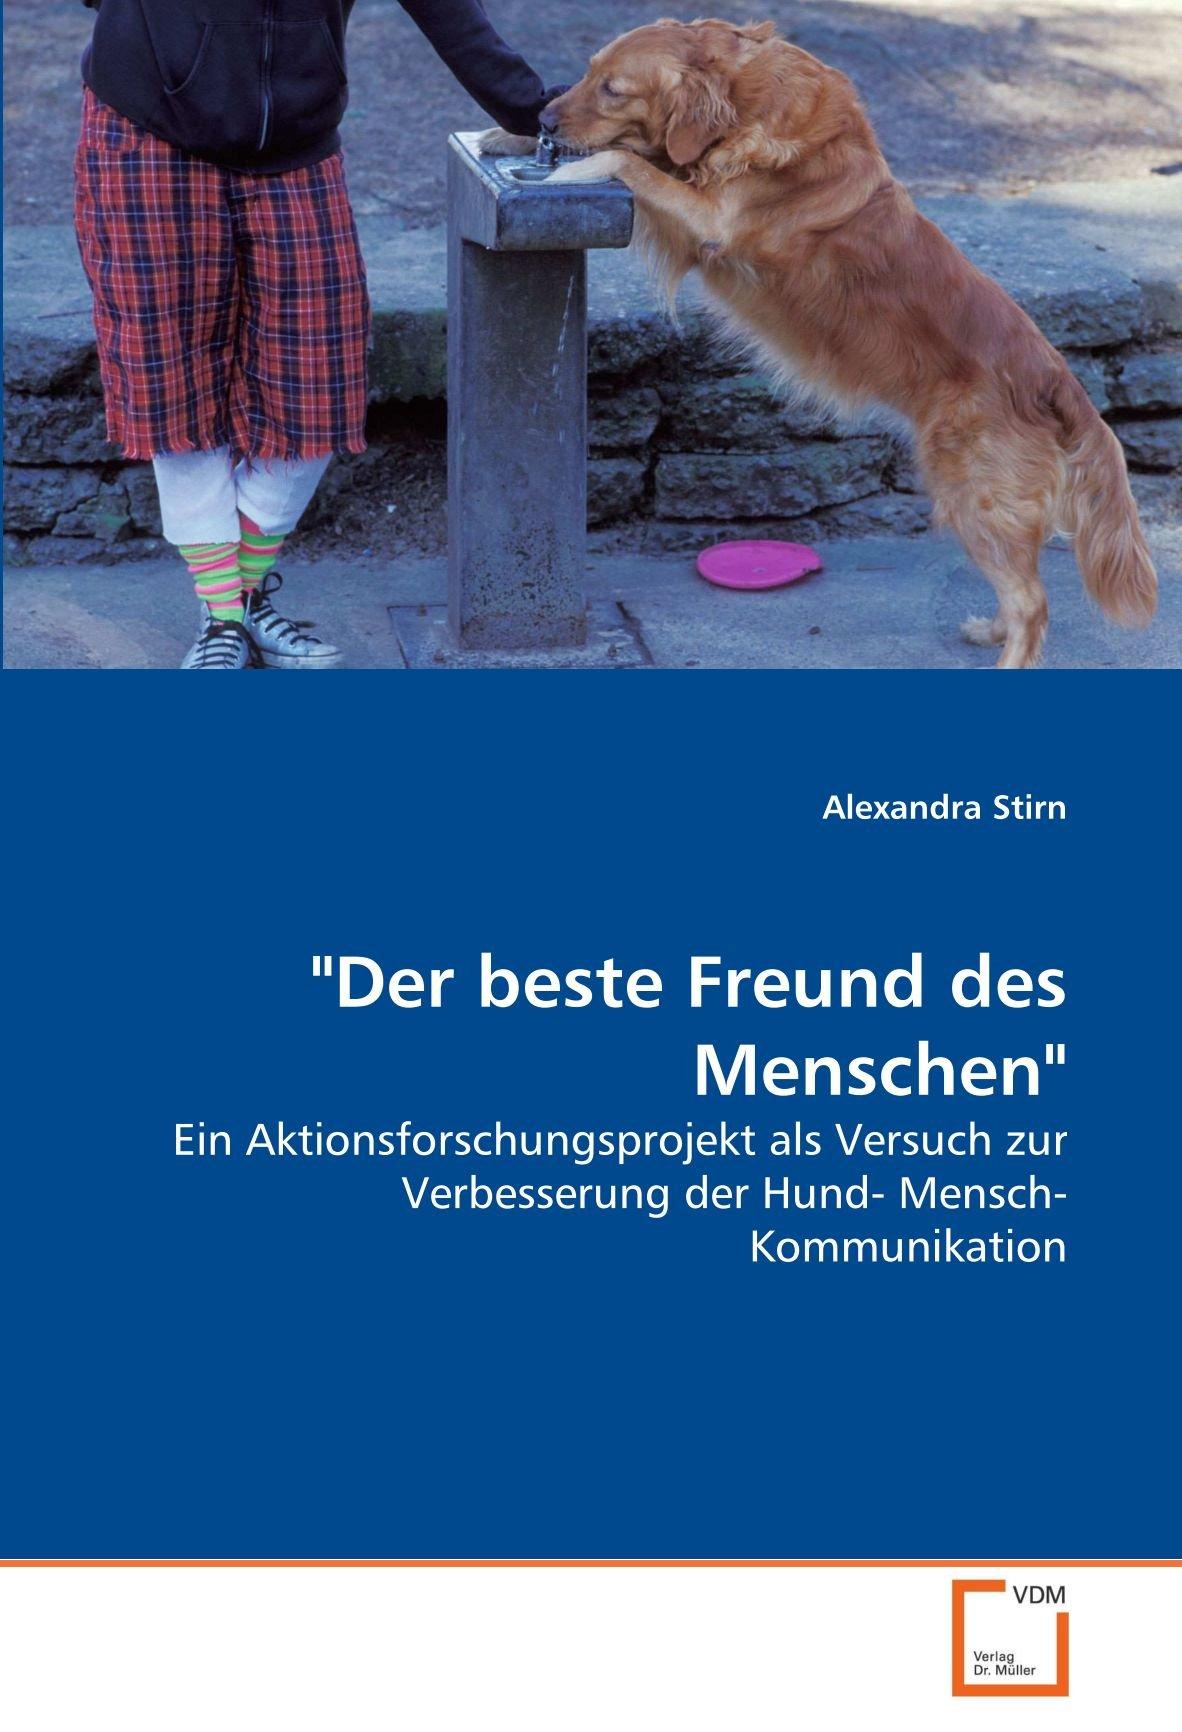 Der beste Freund des Menschen: Ein Aktionsforschungsprojekt als Versuch zur Verbesserung der Hund- Mensch- Kommunikation (German Edition) pdf